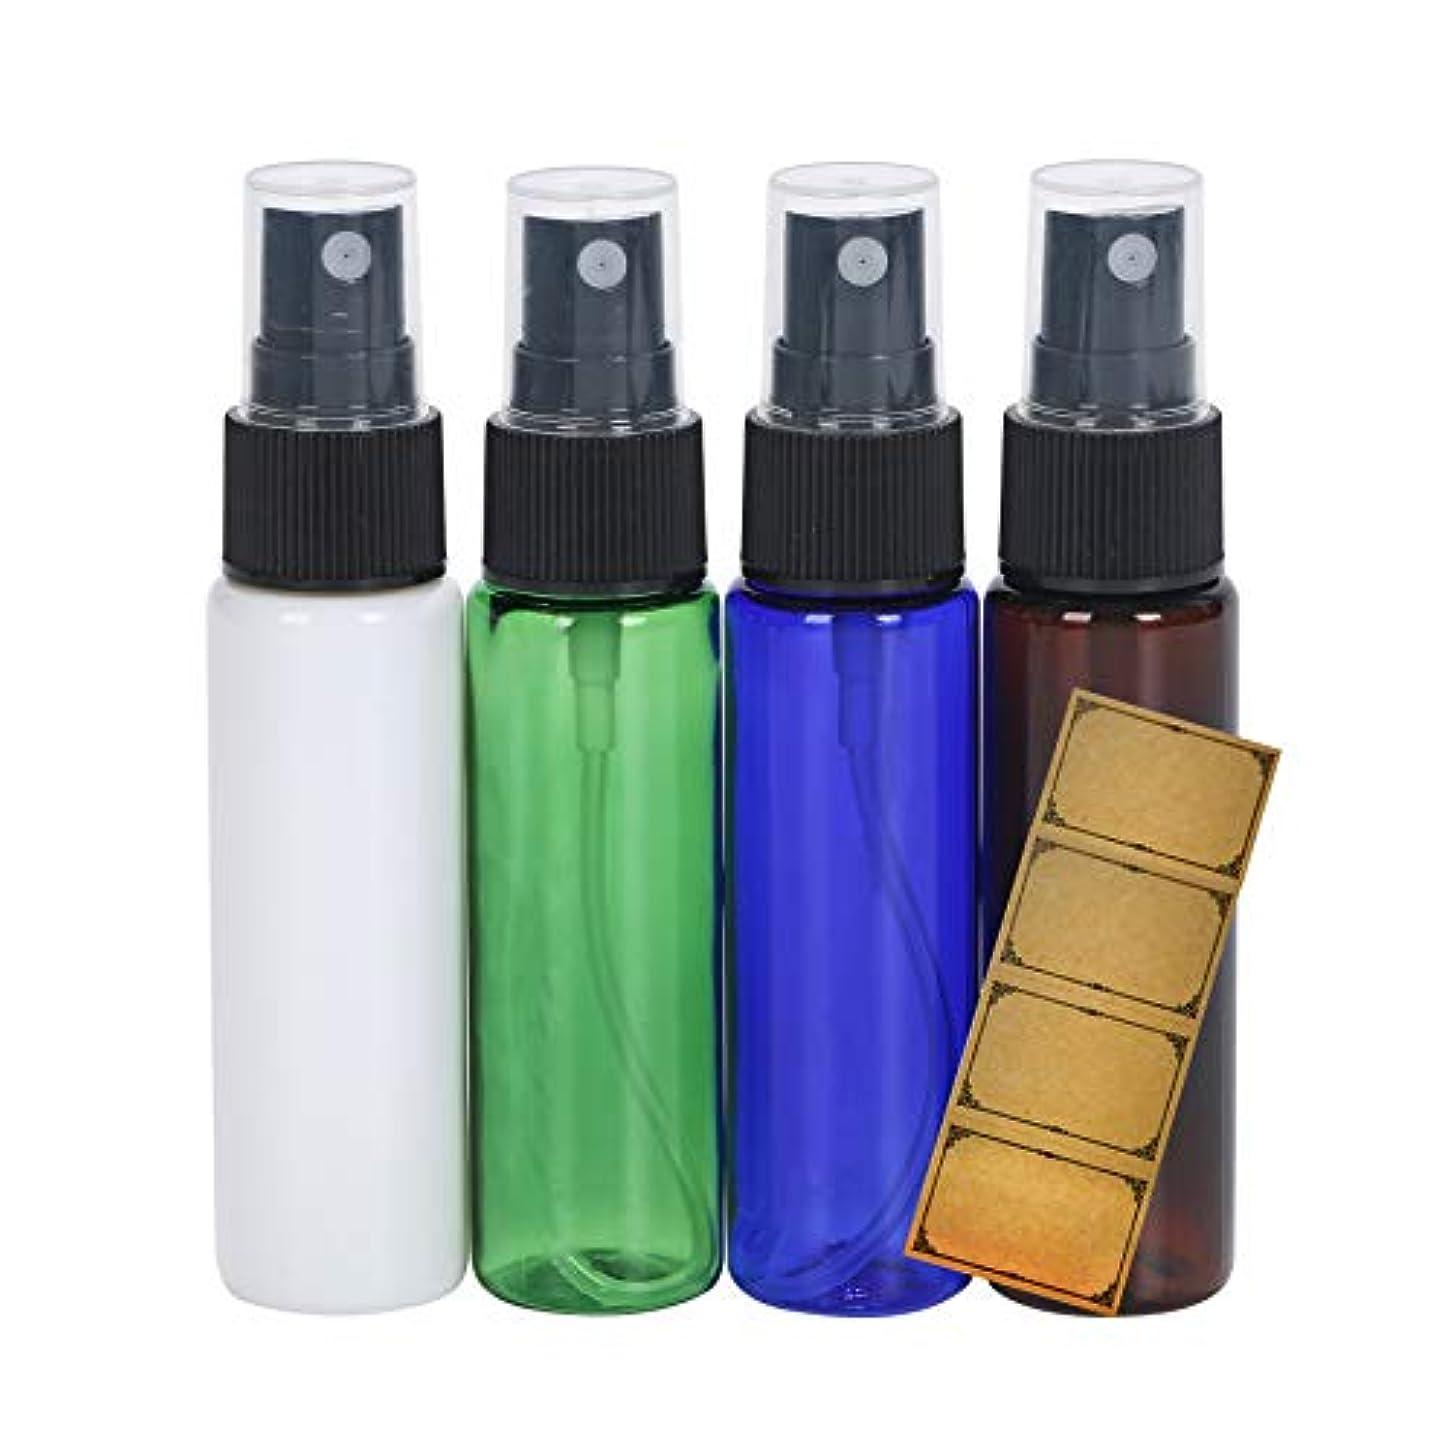 ブラスト文字印刷するスプレーボトル 30ml 4本 オリジナルラベルシール付き 遮光 PET製 (4色(青、緑、茶、白))